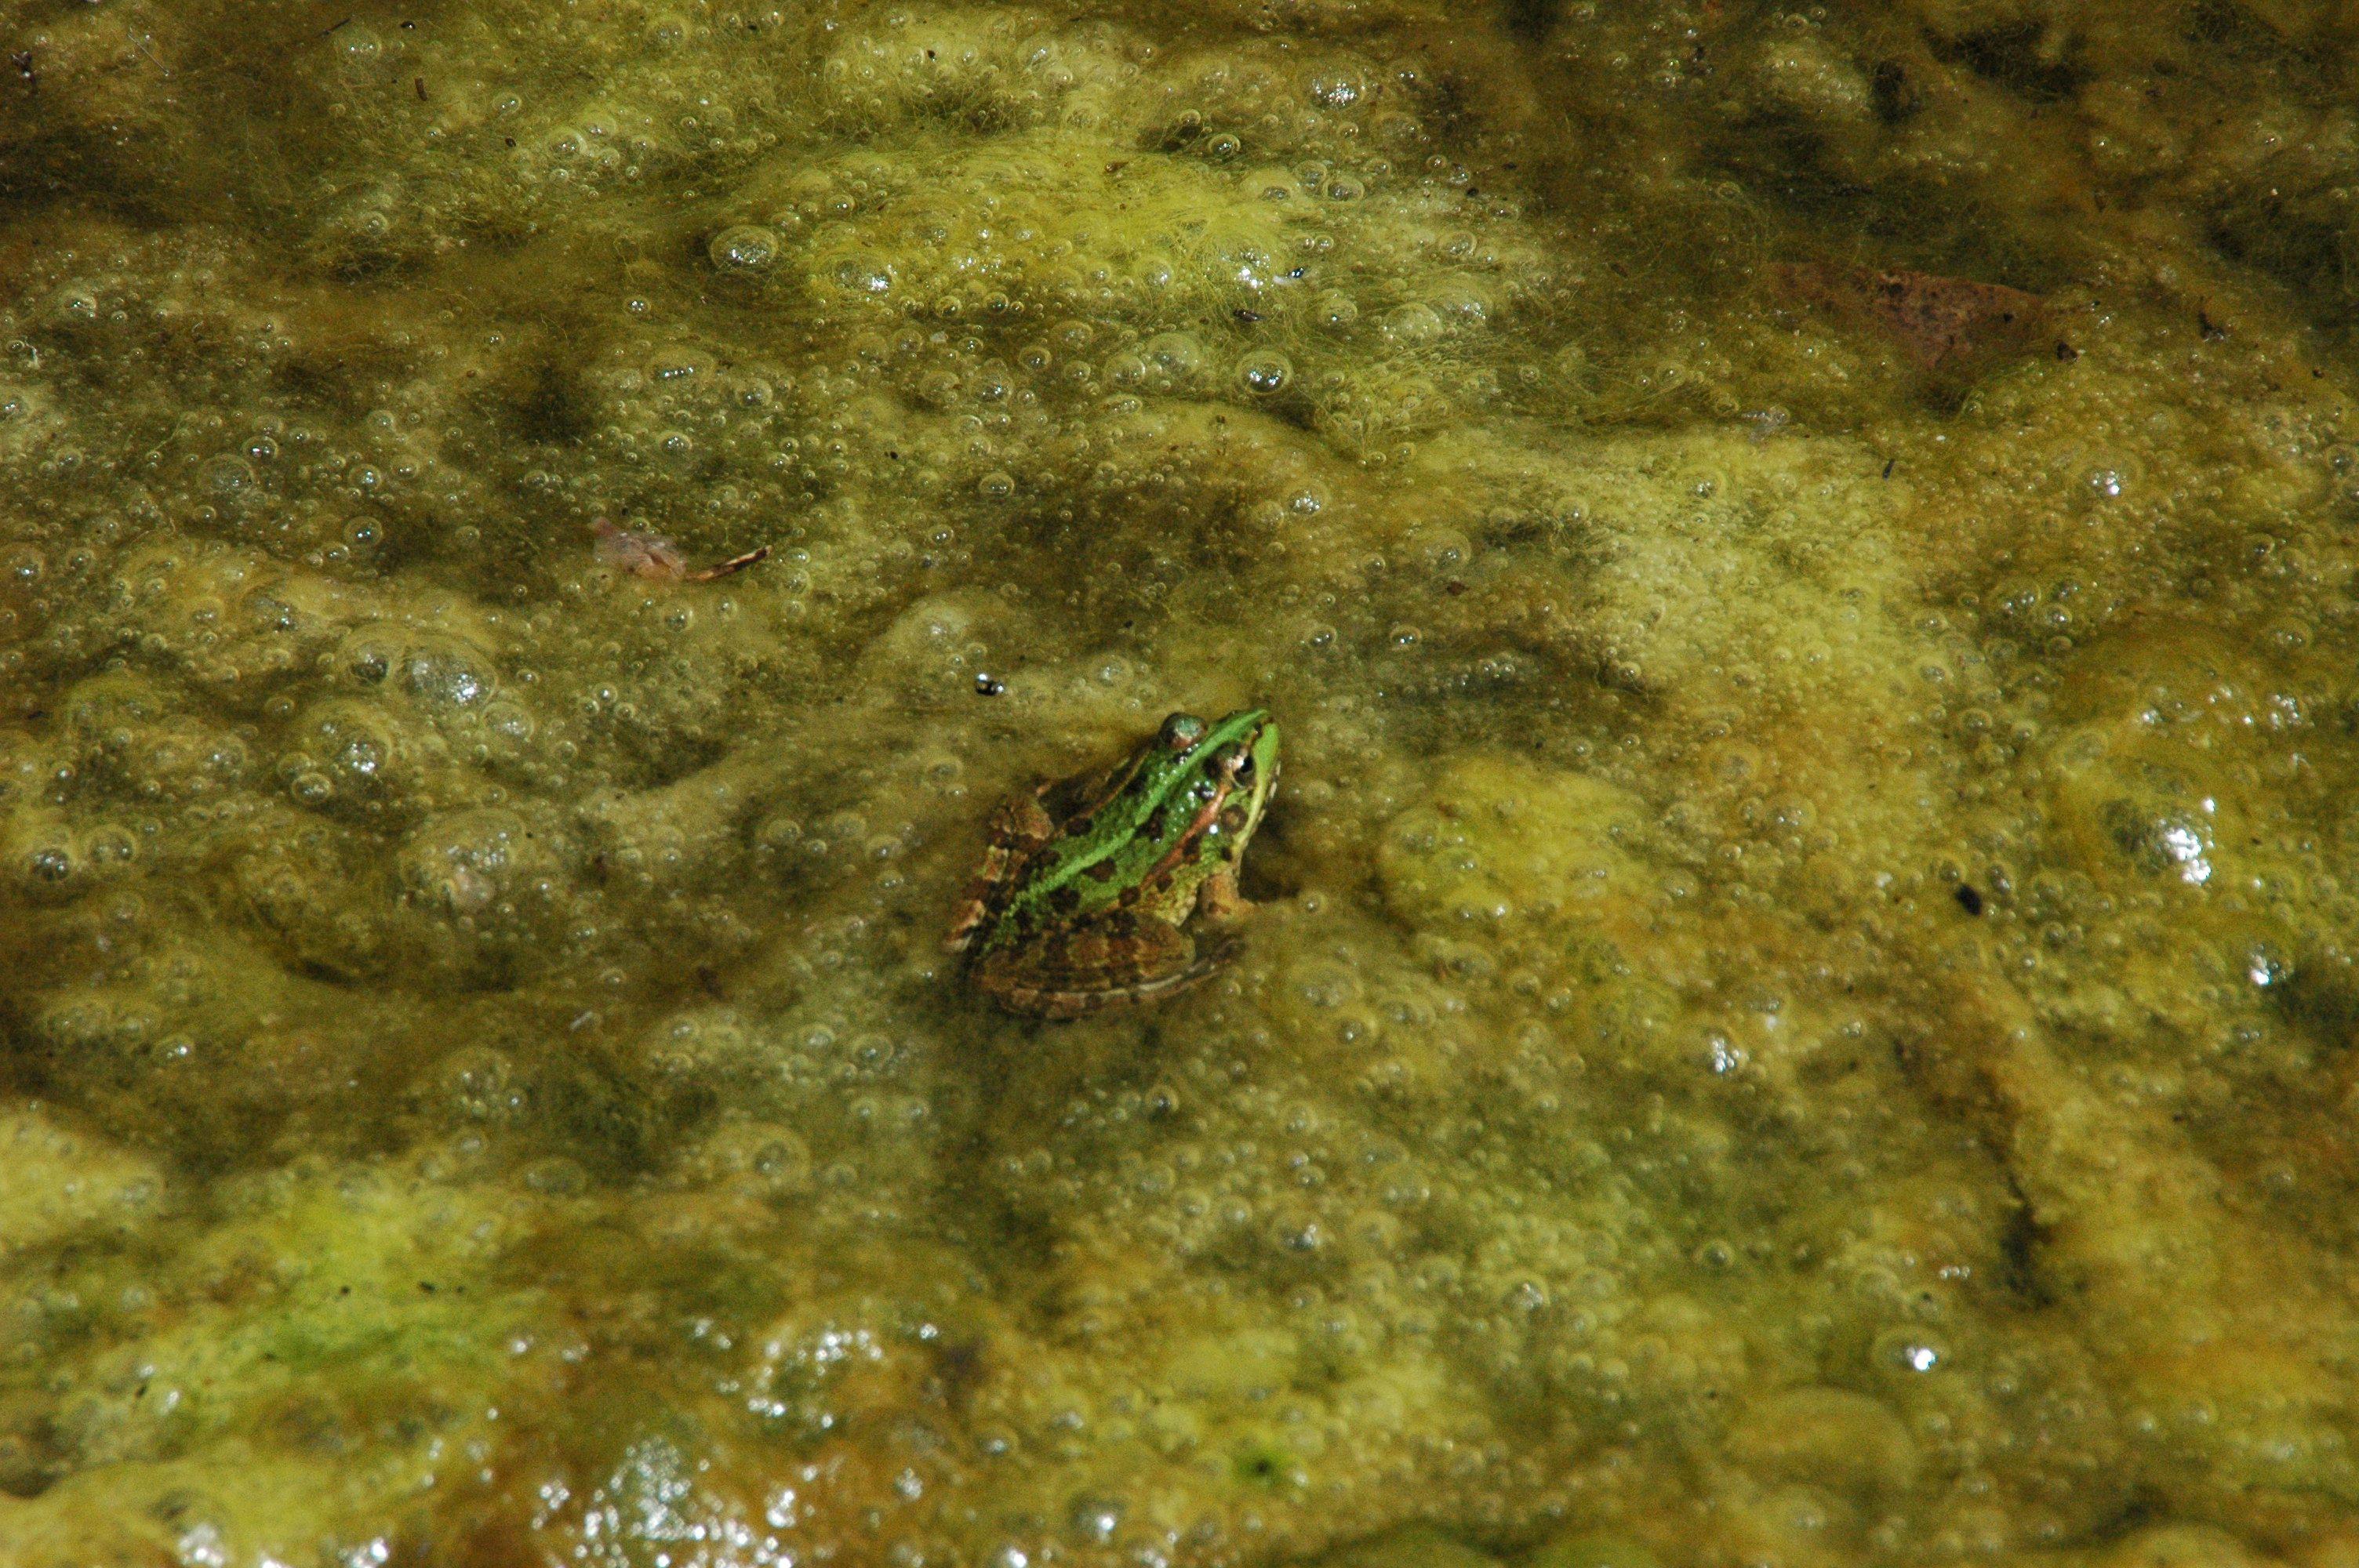 ¿Sabías que todos los #anfibios de la Península Ibérica están en #sierradearacena